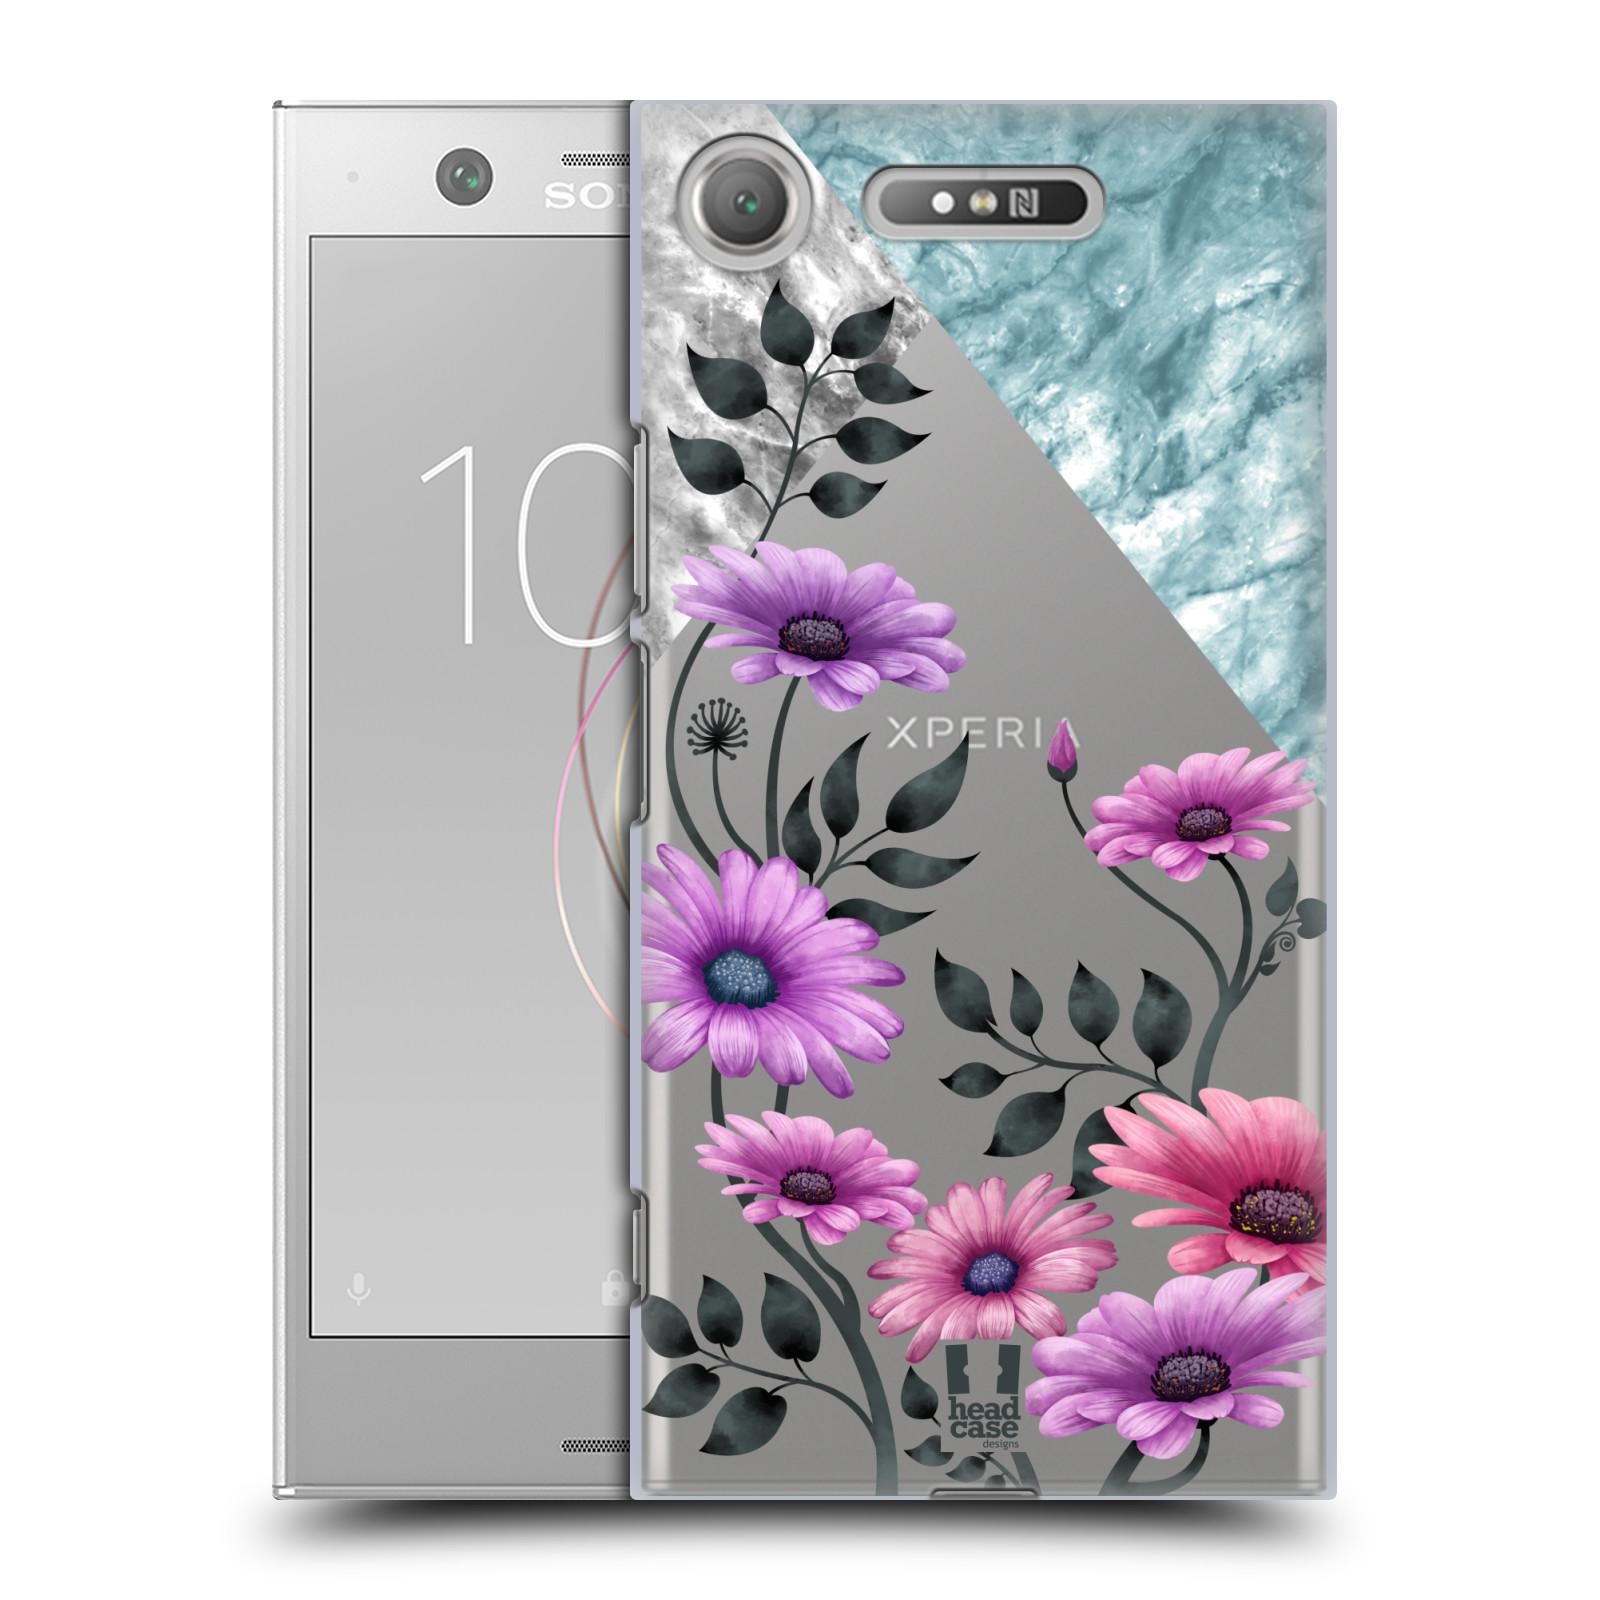 HEAD CASE plastový obal na mobil Sony Xperia XZ1 květiny hvězdnice, Aster fialová a modrá